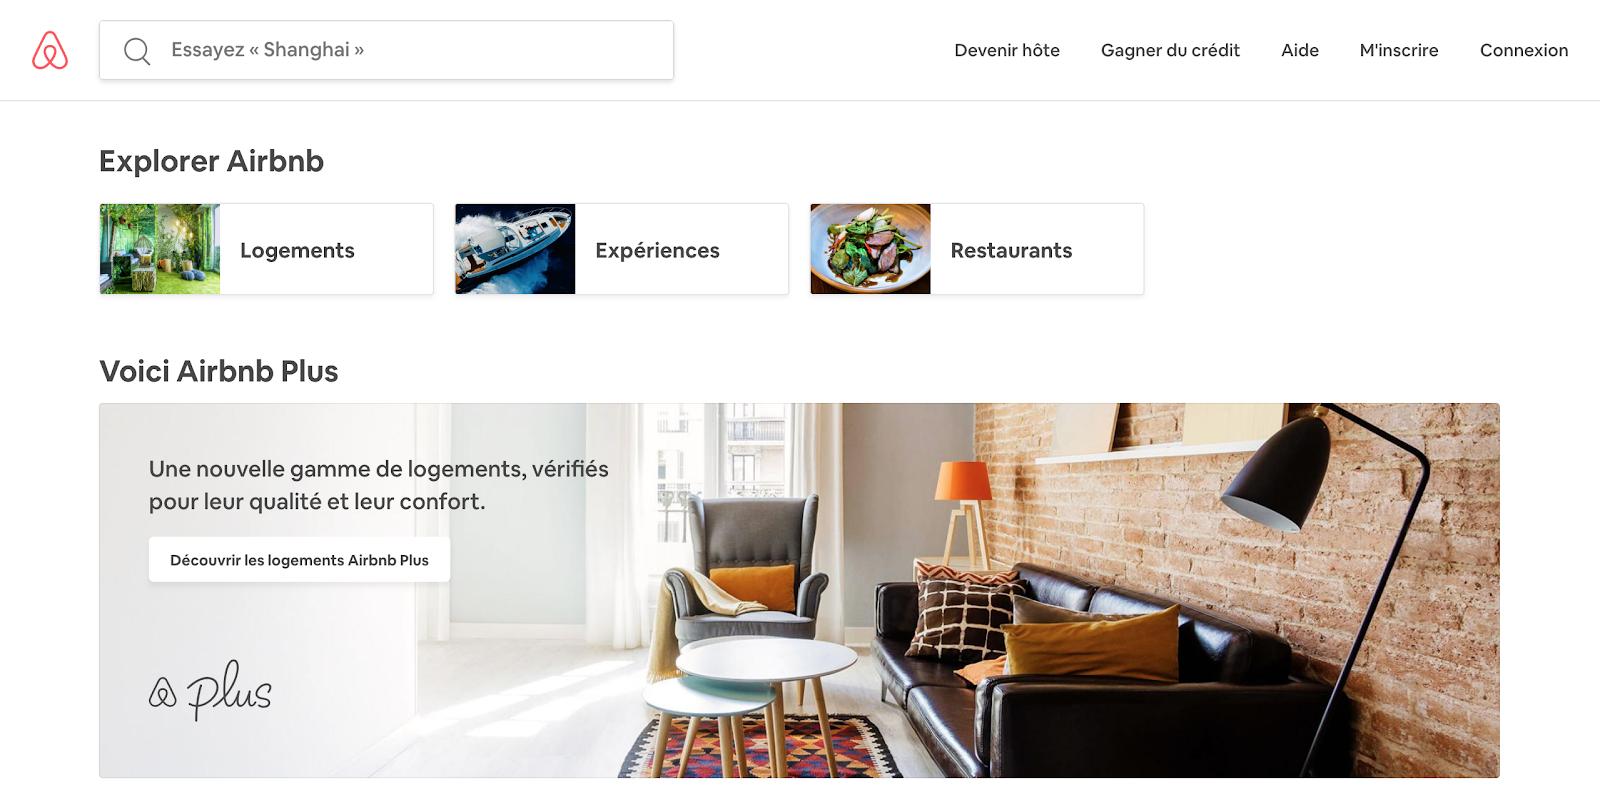 Page d'accueil du site Airbnb qui cible avant tout les voyageurs : on y voit en premier lieu les logements, les expériences et les restaurants disponibles.